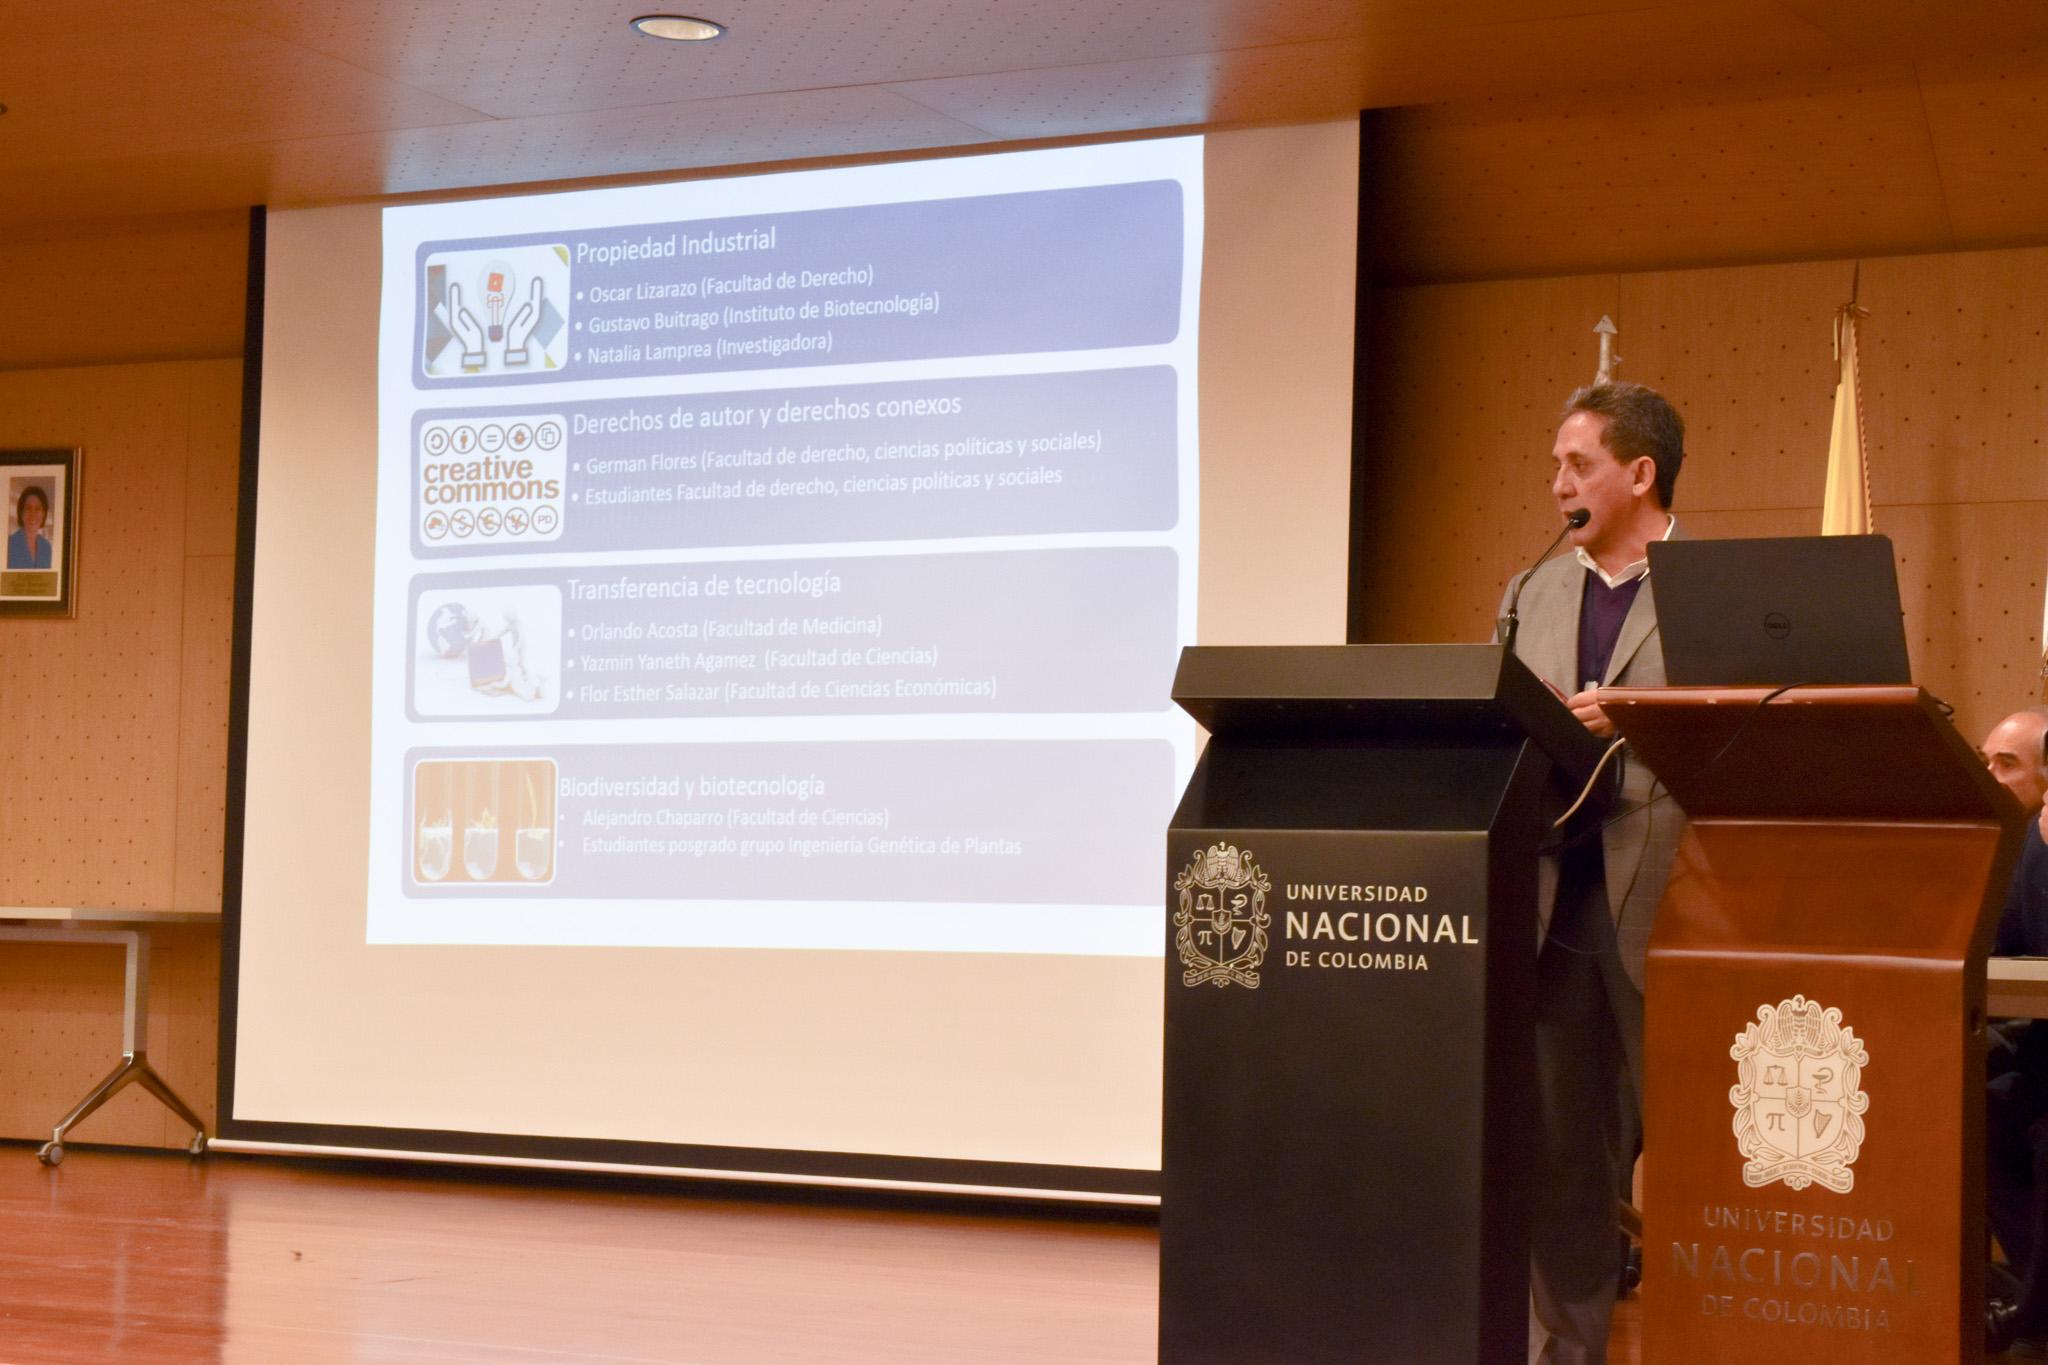 Prof. Alejandro Chaparro Giraldo, del Centro de Pensamiento en Propiedad Intelectual de la Universidad Nacional de Colombia (Foto: Aura Flechas /Dirección Nacional de Extensión, Innovación y Propiedad Intelectual / Vicerrectoría de Investigación/U. N.)